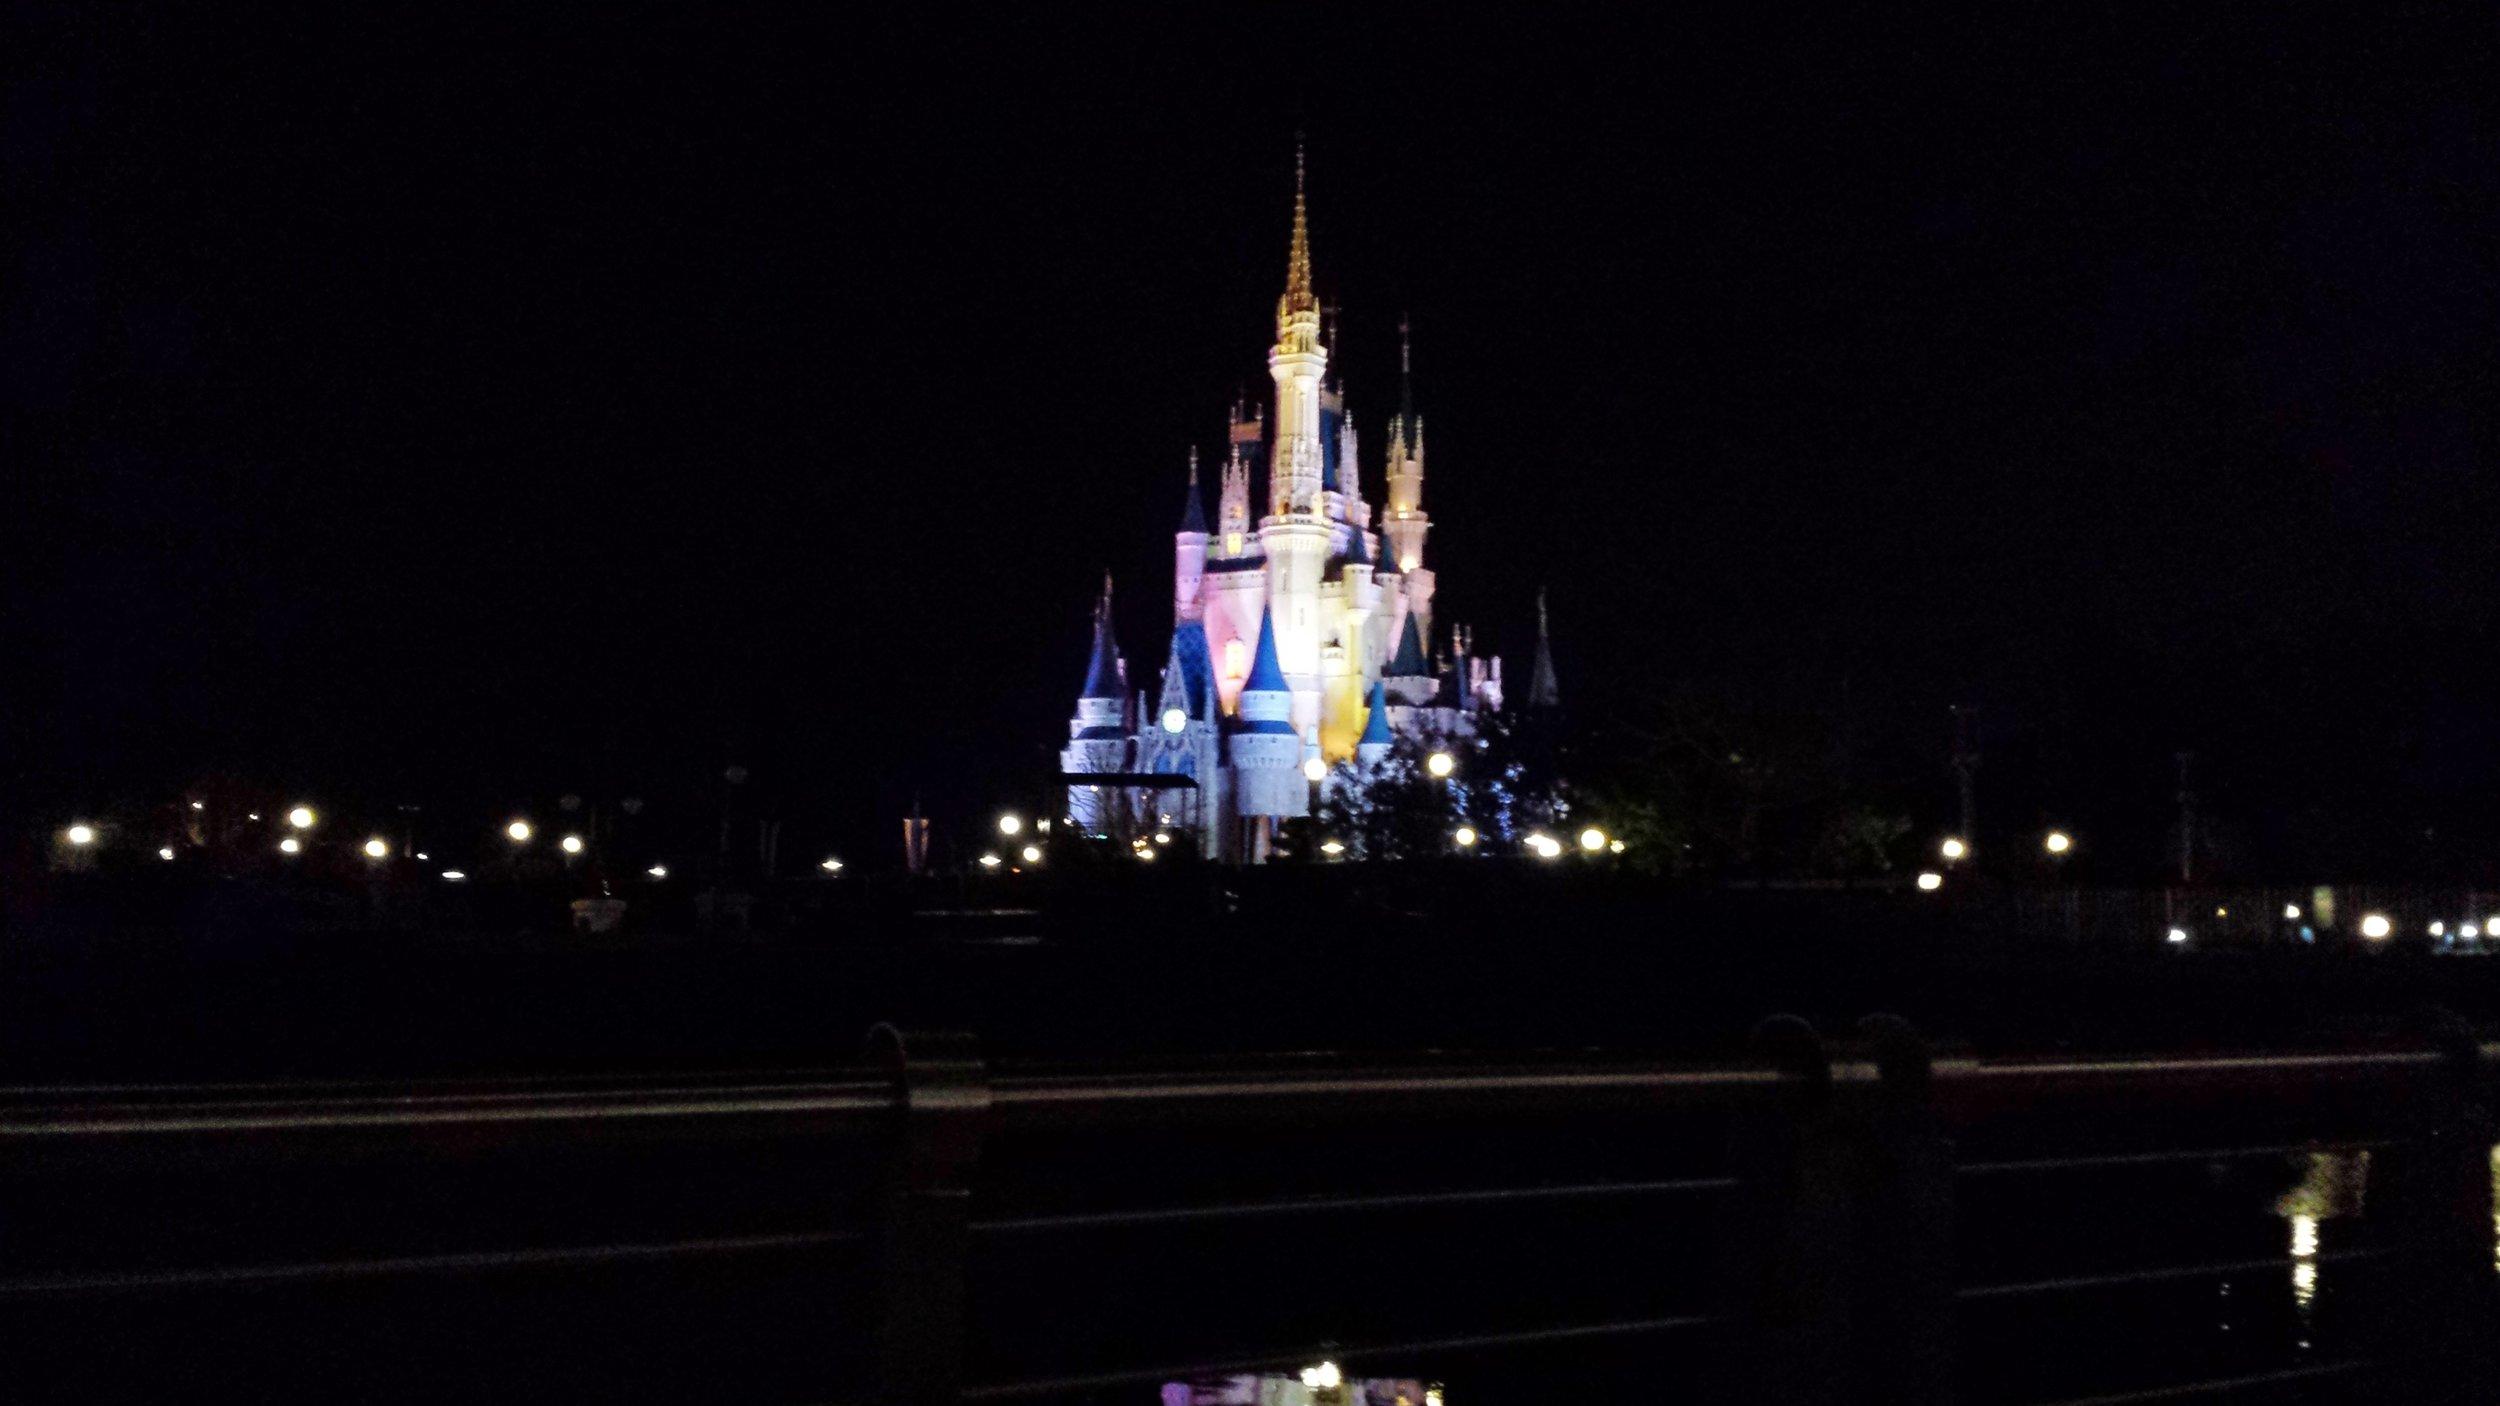 Cinderella's Castle in the Magic Kingdom at night.